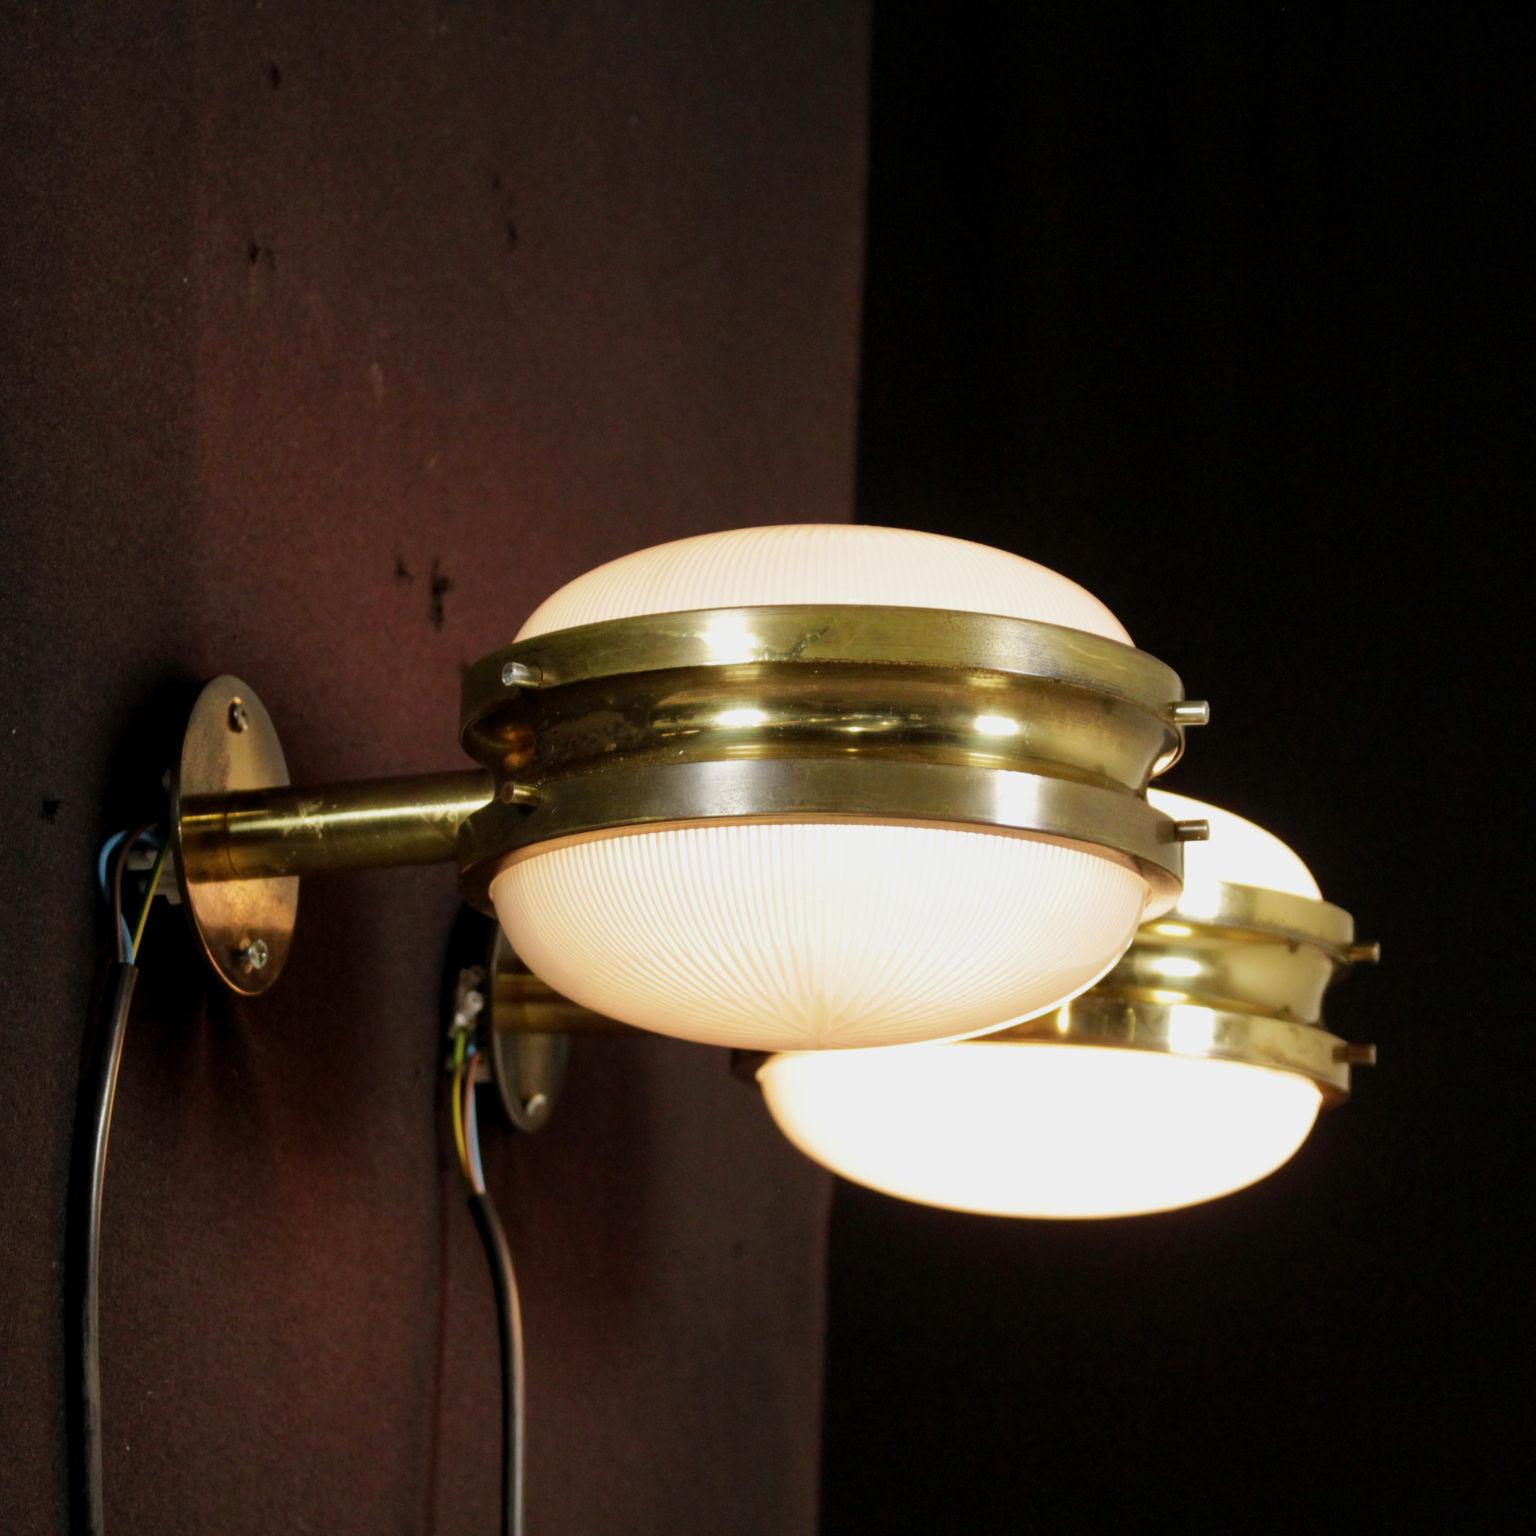 Lampade sergio mazza illuminazione modernariato for Lampade modernariato